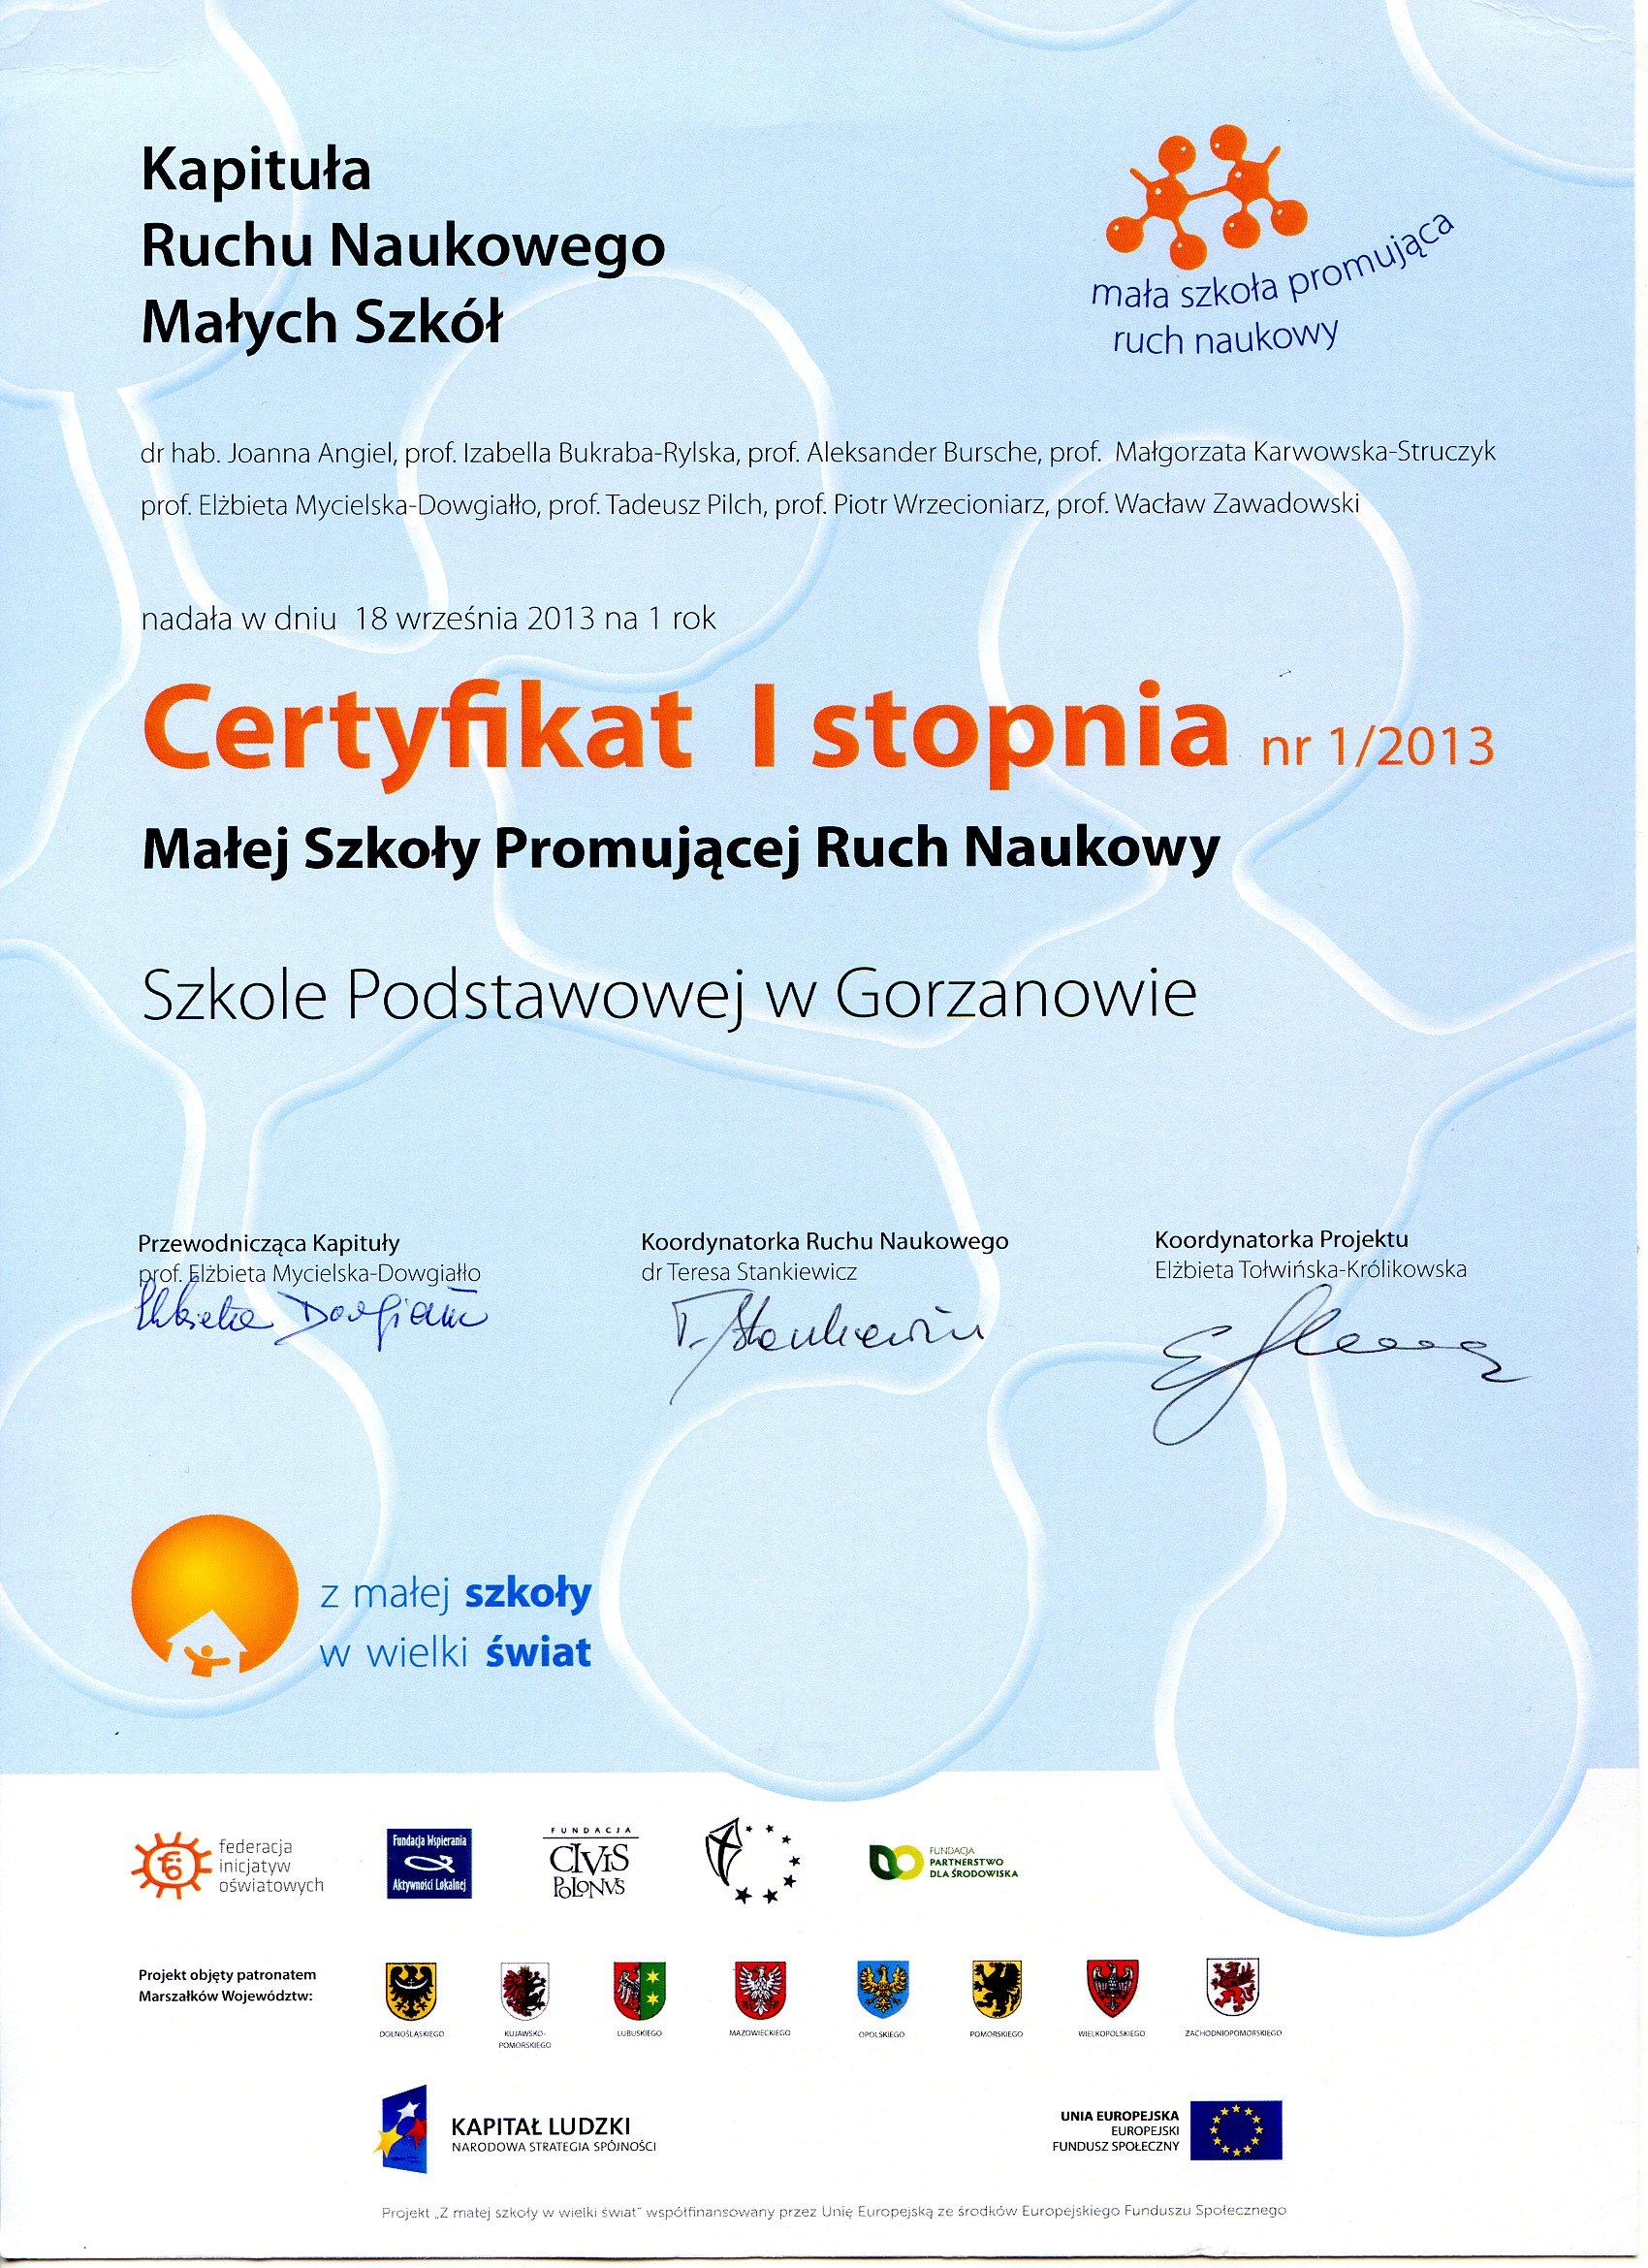 2013.10.09. Certyfikat promujący ruch naukowy